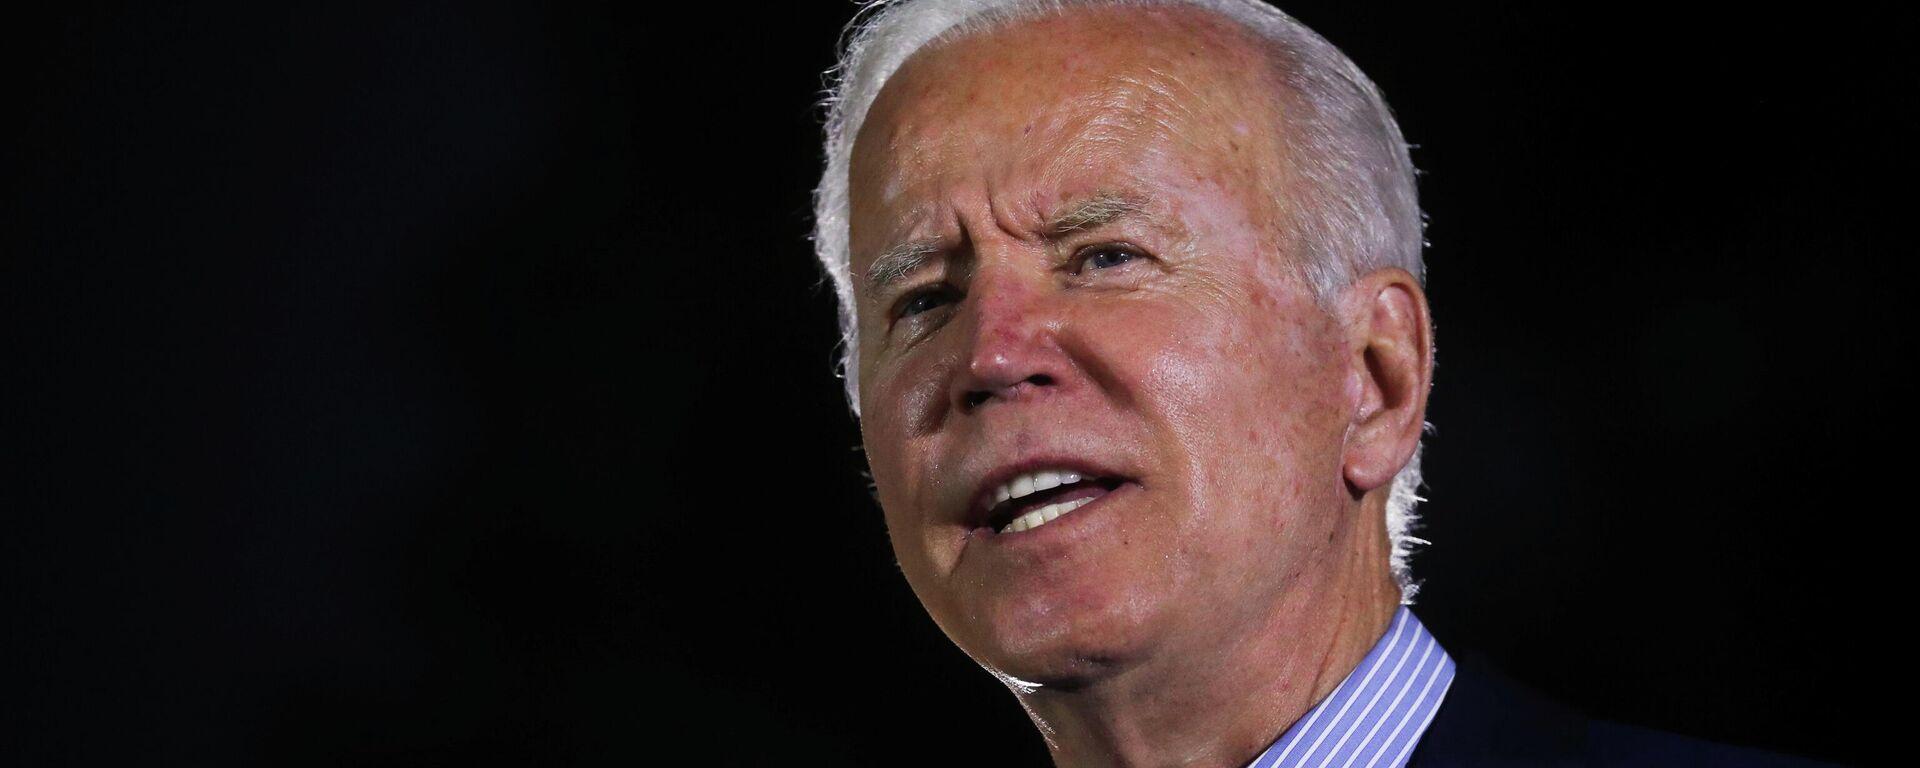 Joe Biden, presidente de Estados Unidos - Sputnik Mundo, 1920, 27.09.2021